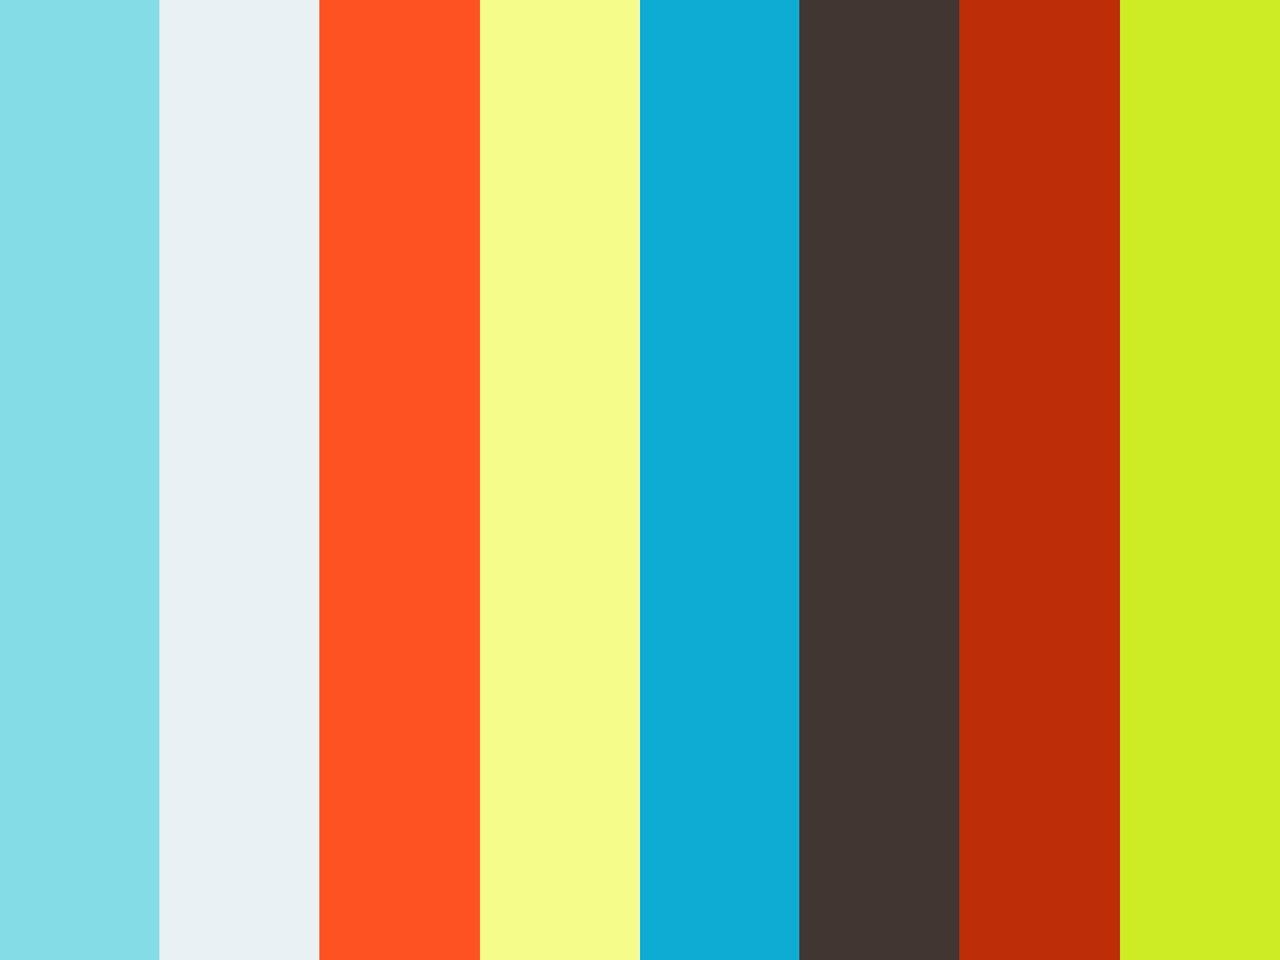 Palestra Mensal de Trigueirinho - Olhando o Mundo 1 - Junho 2017 - Completa